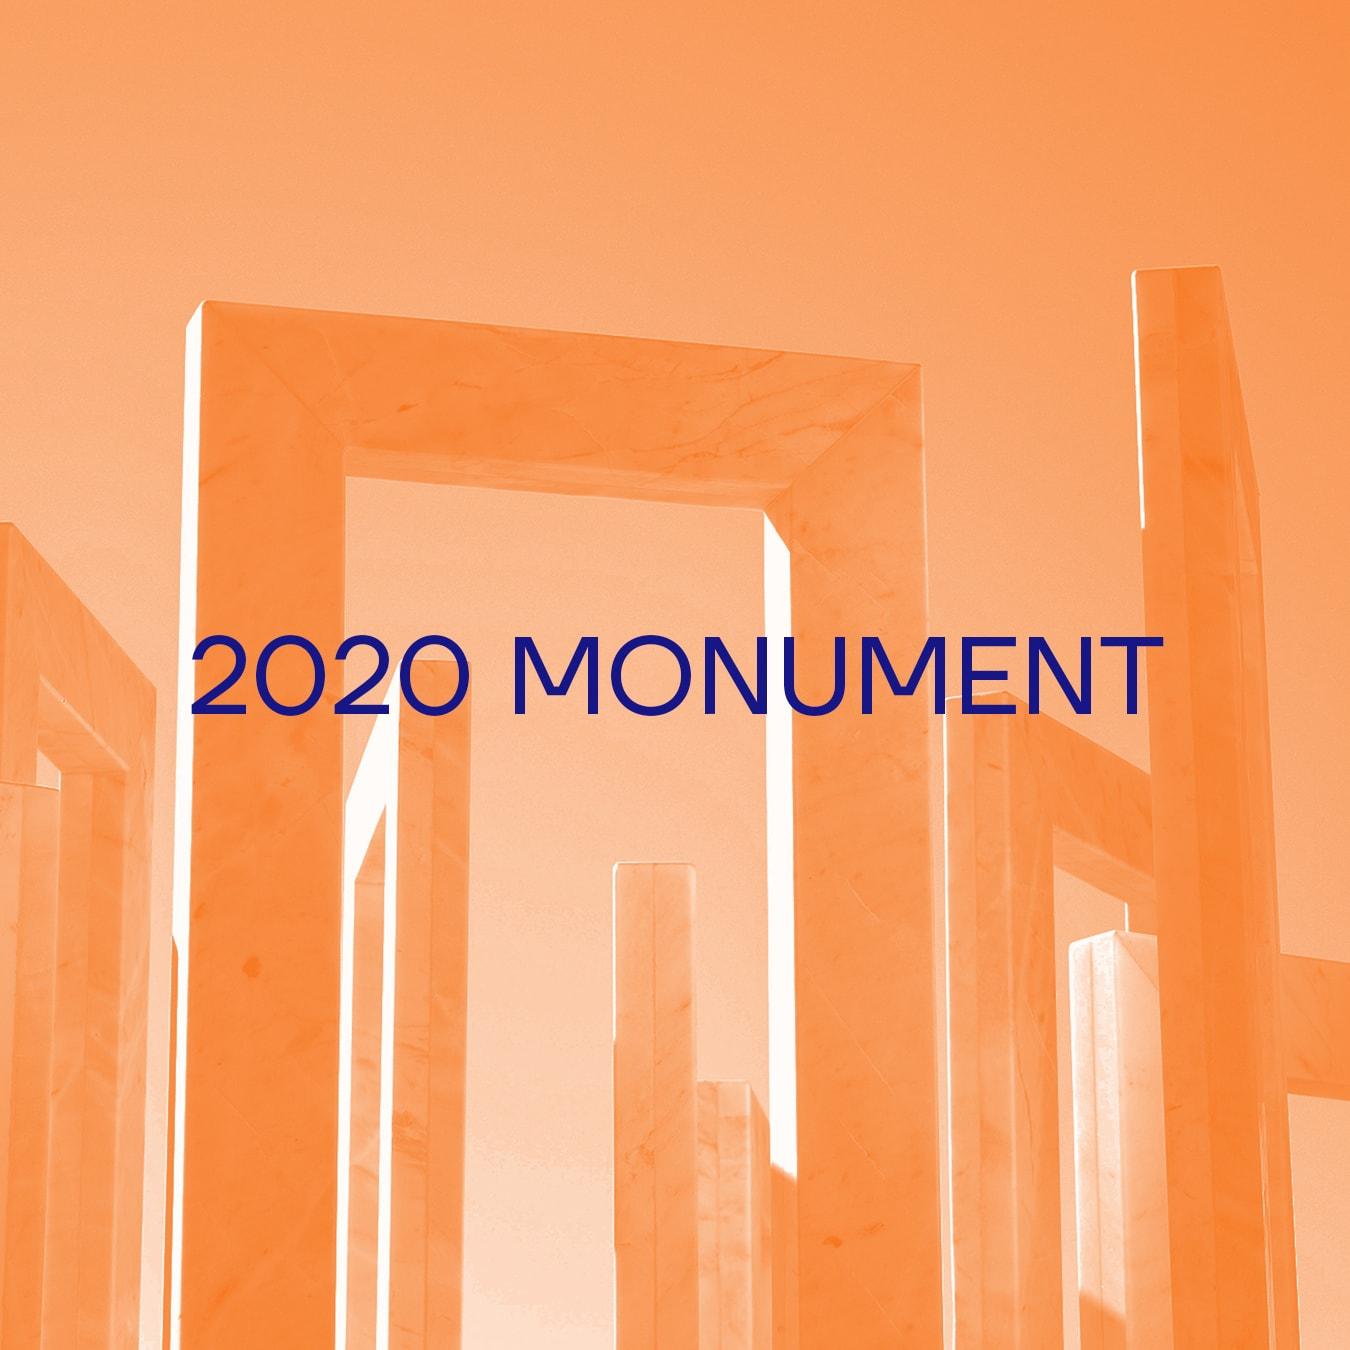 2020monument